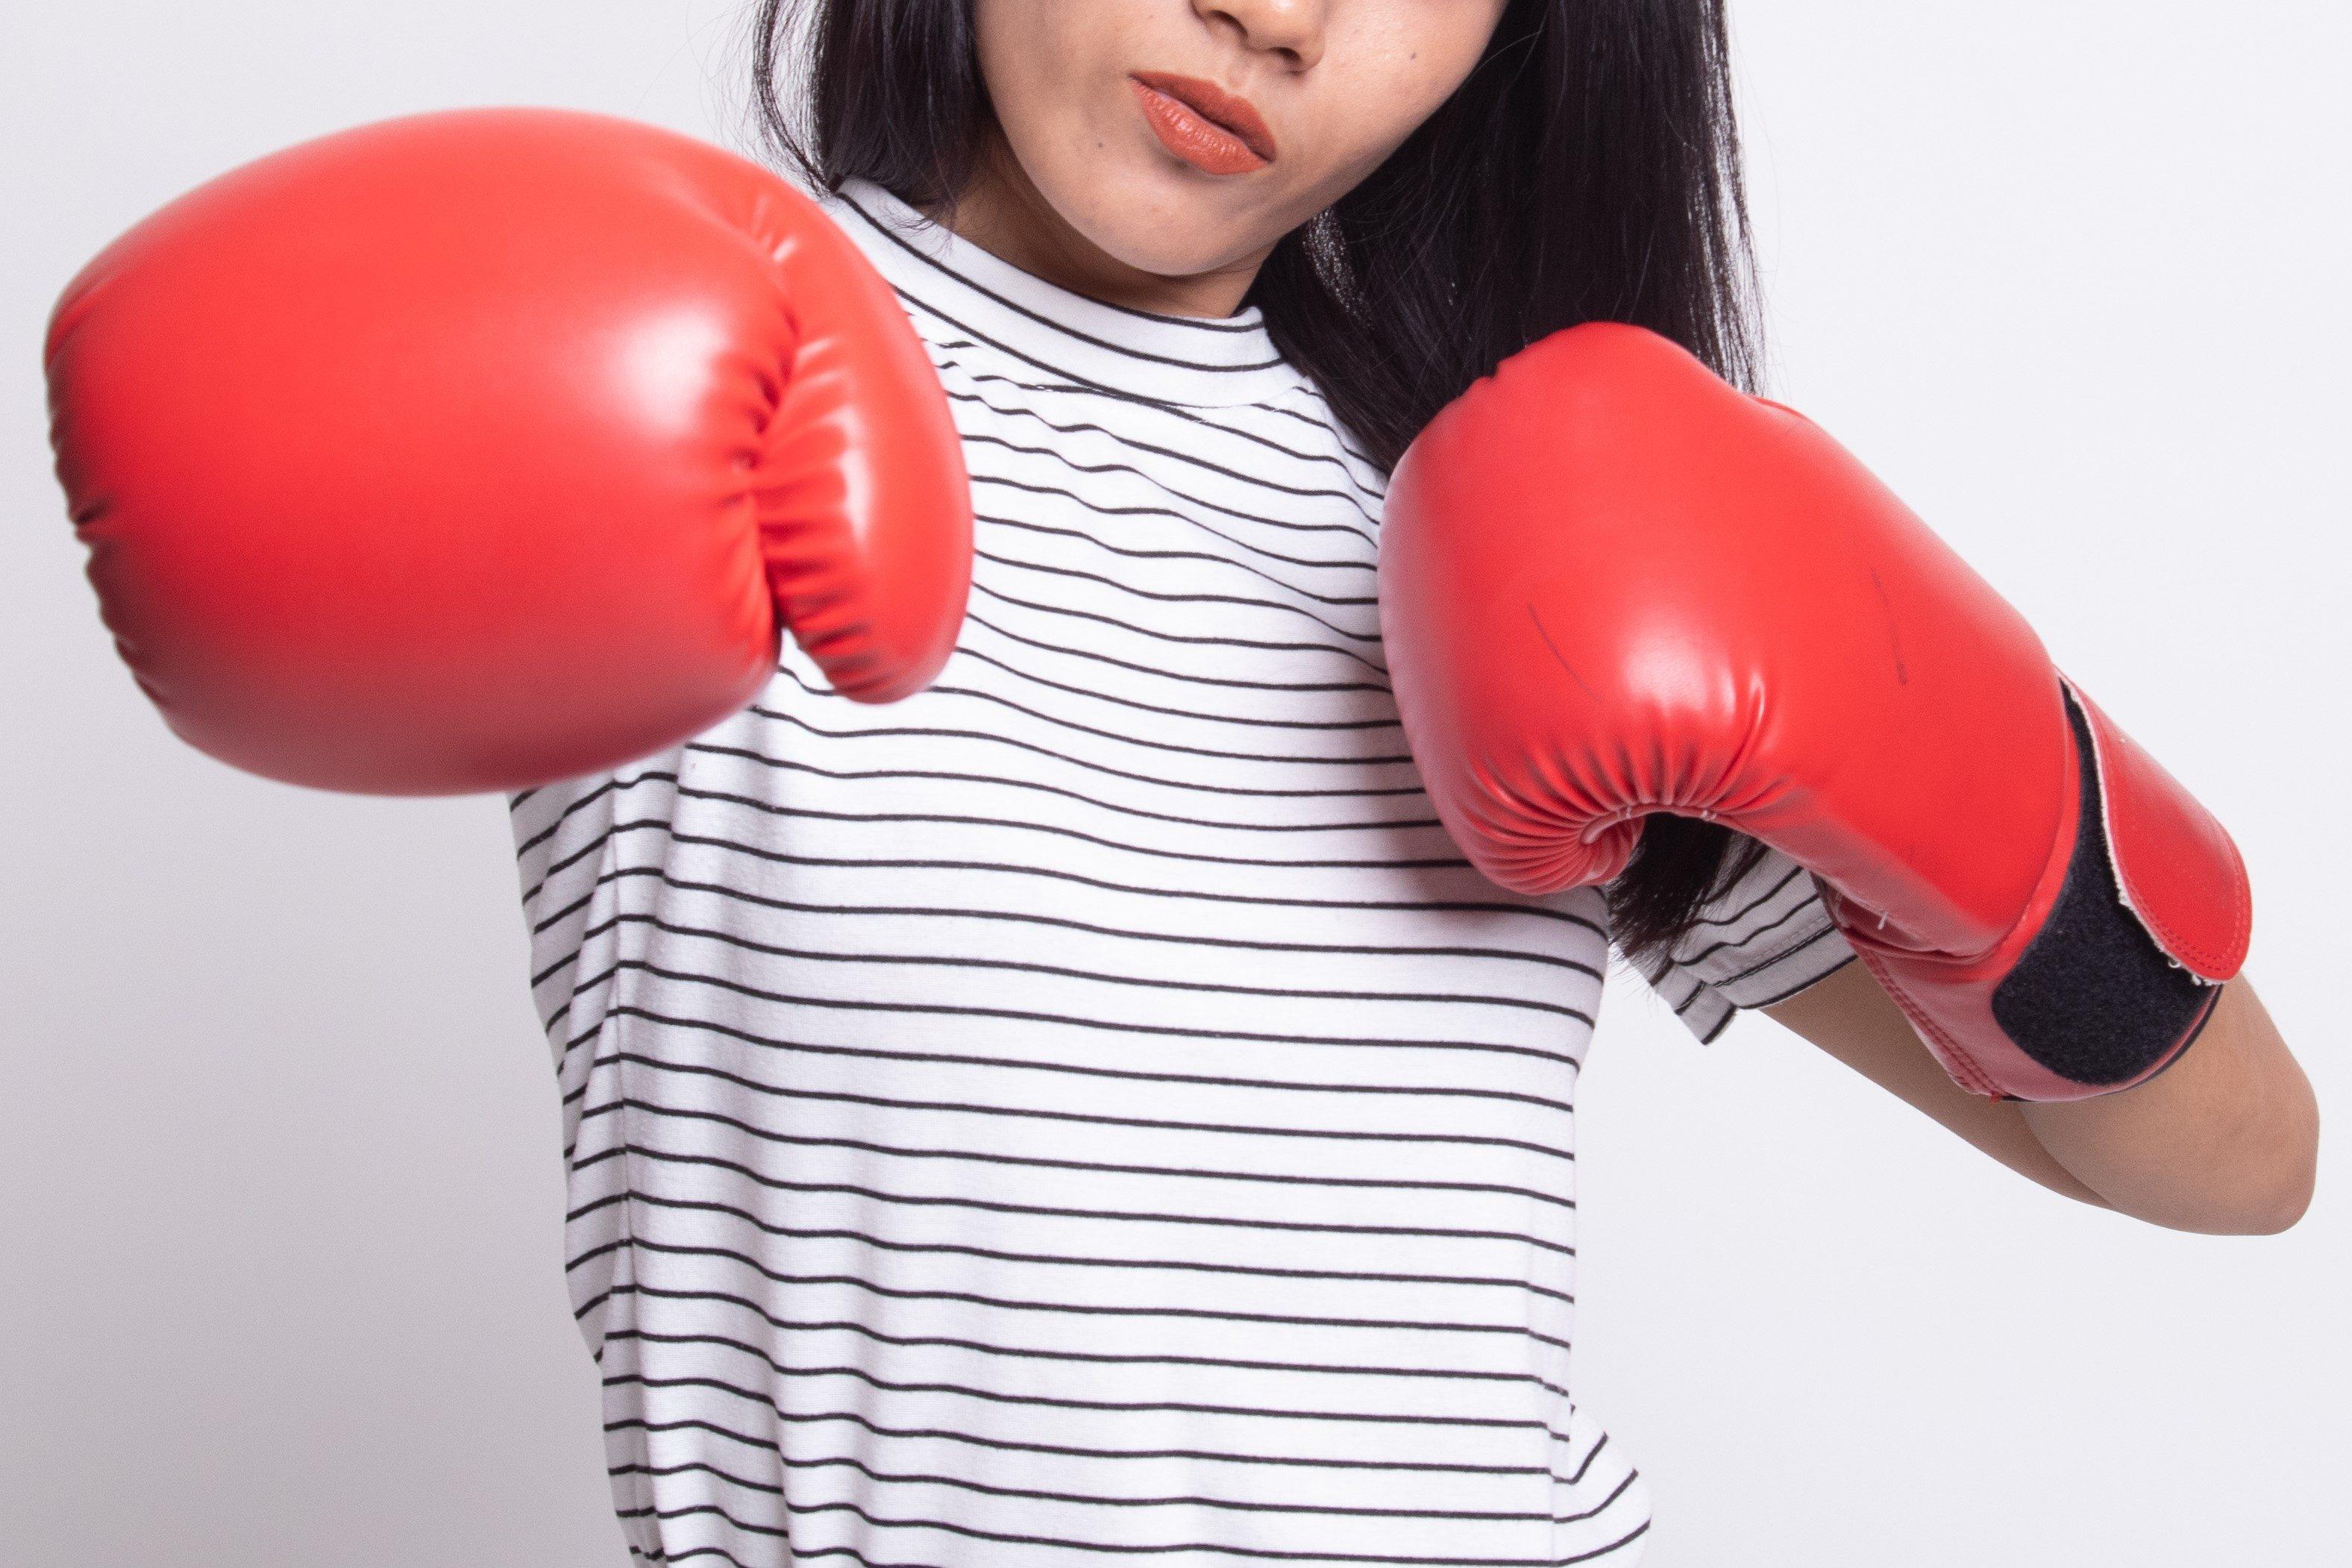 ボクシング・グローブ・ボクシンググローブ・女性